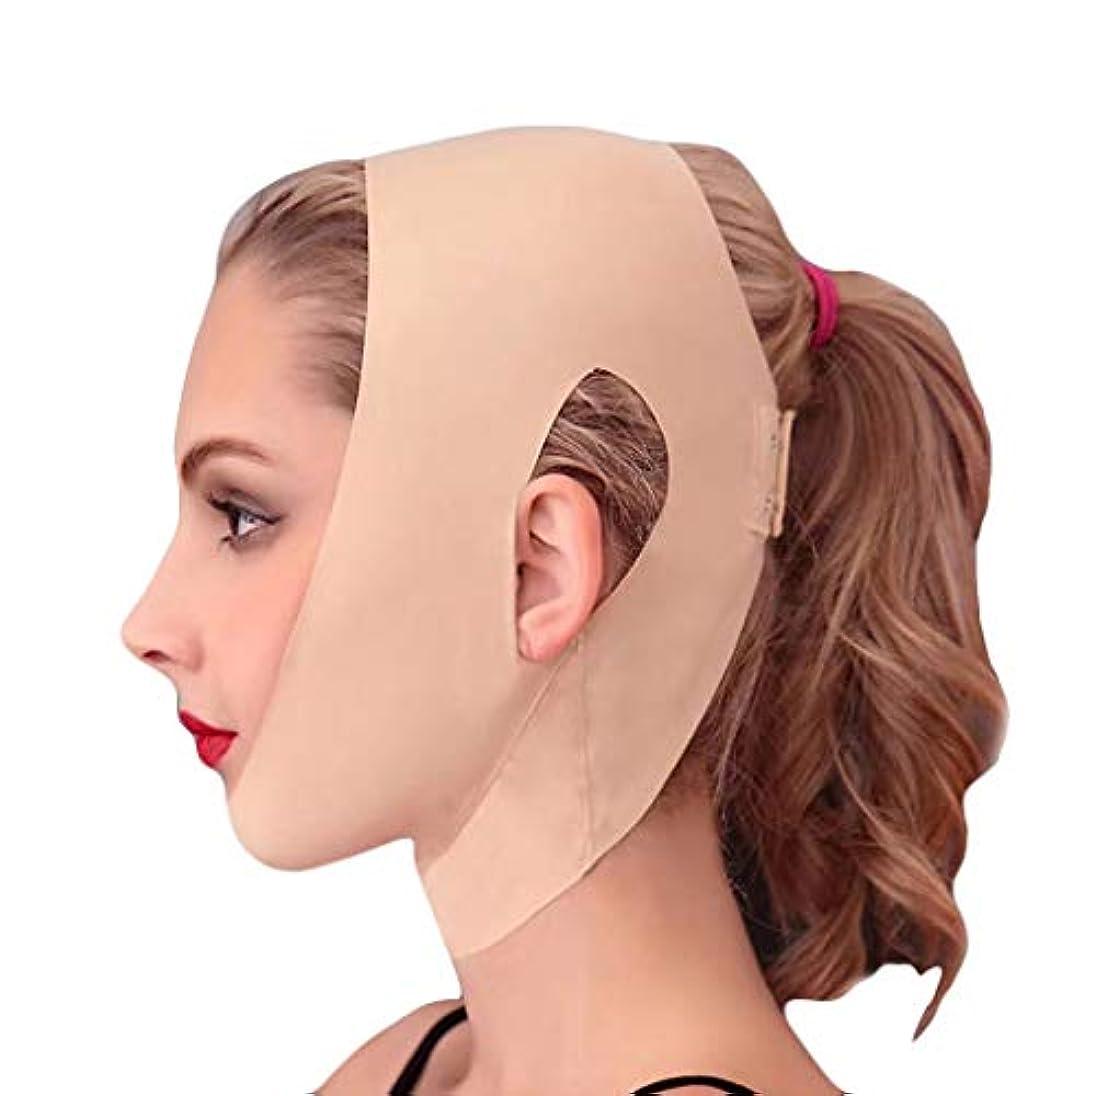 安西結婚したマスタードしっかりした包帯を持ち上げる、顔を持ち上げる、フェイスリフトを引き締める、顔用減量ベルト のための顔用リフトツール